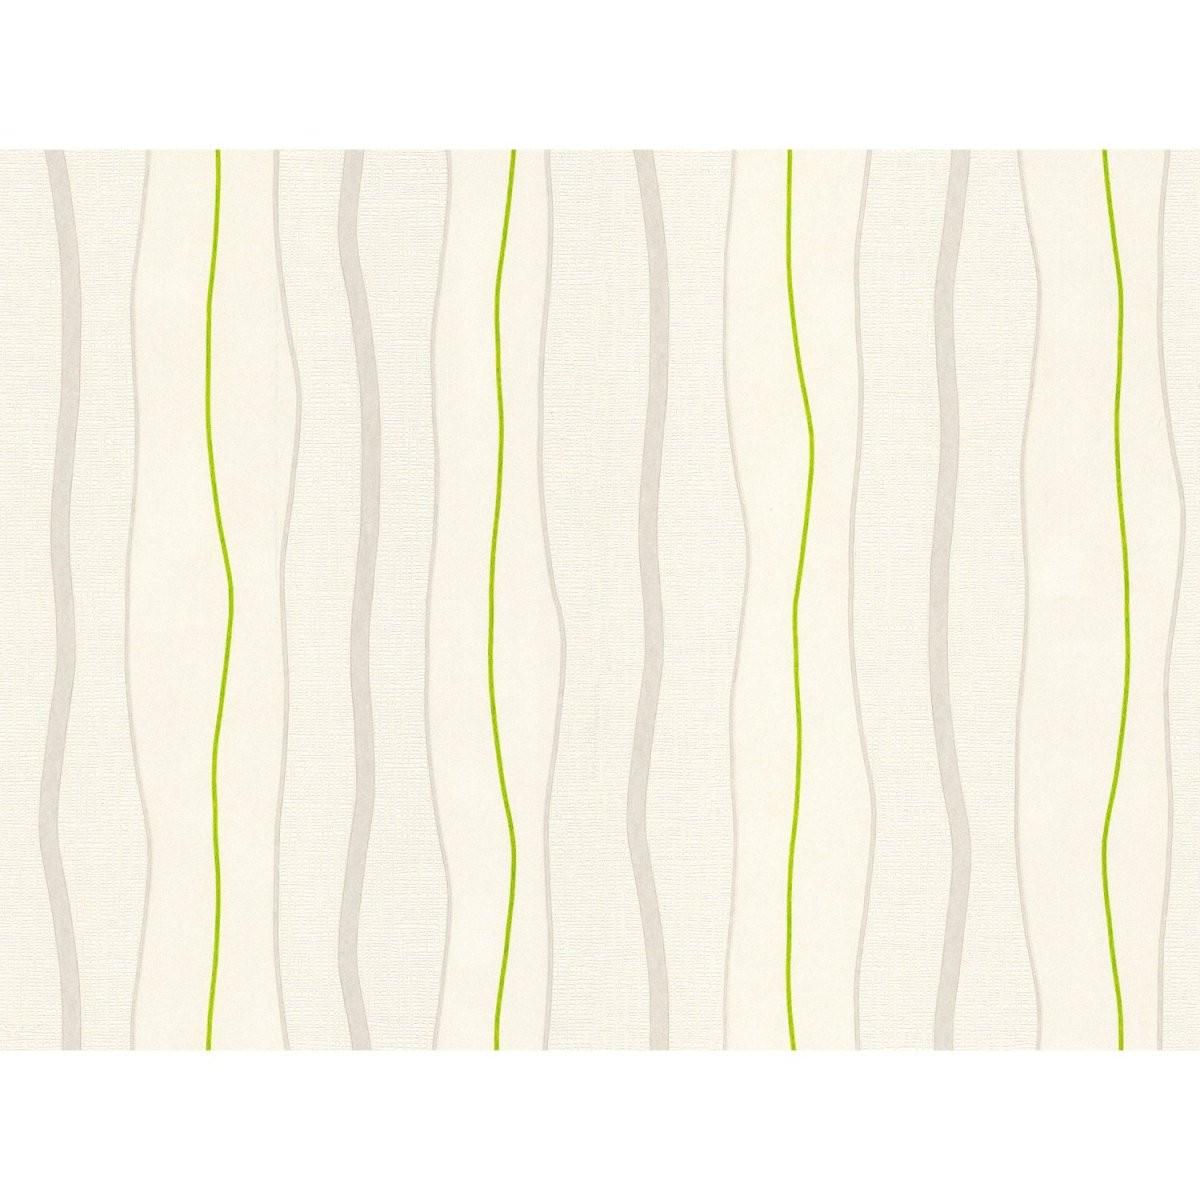 Vliestapeten Streifen Online Kaufen Bei Obi von Tapete Grün Grau Gestreift Bild